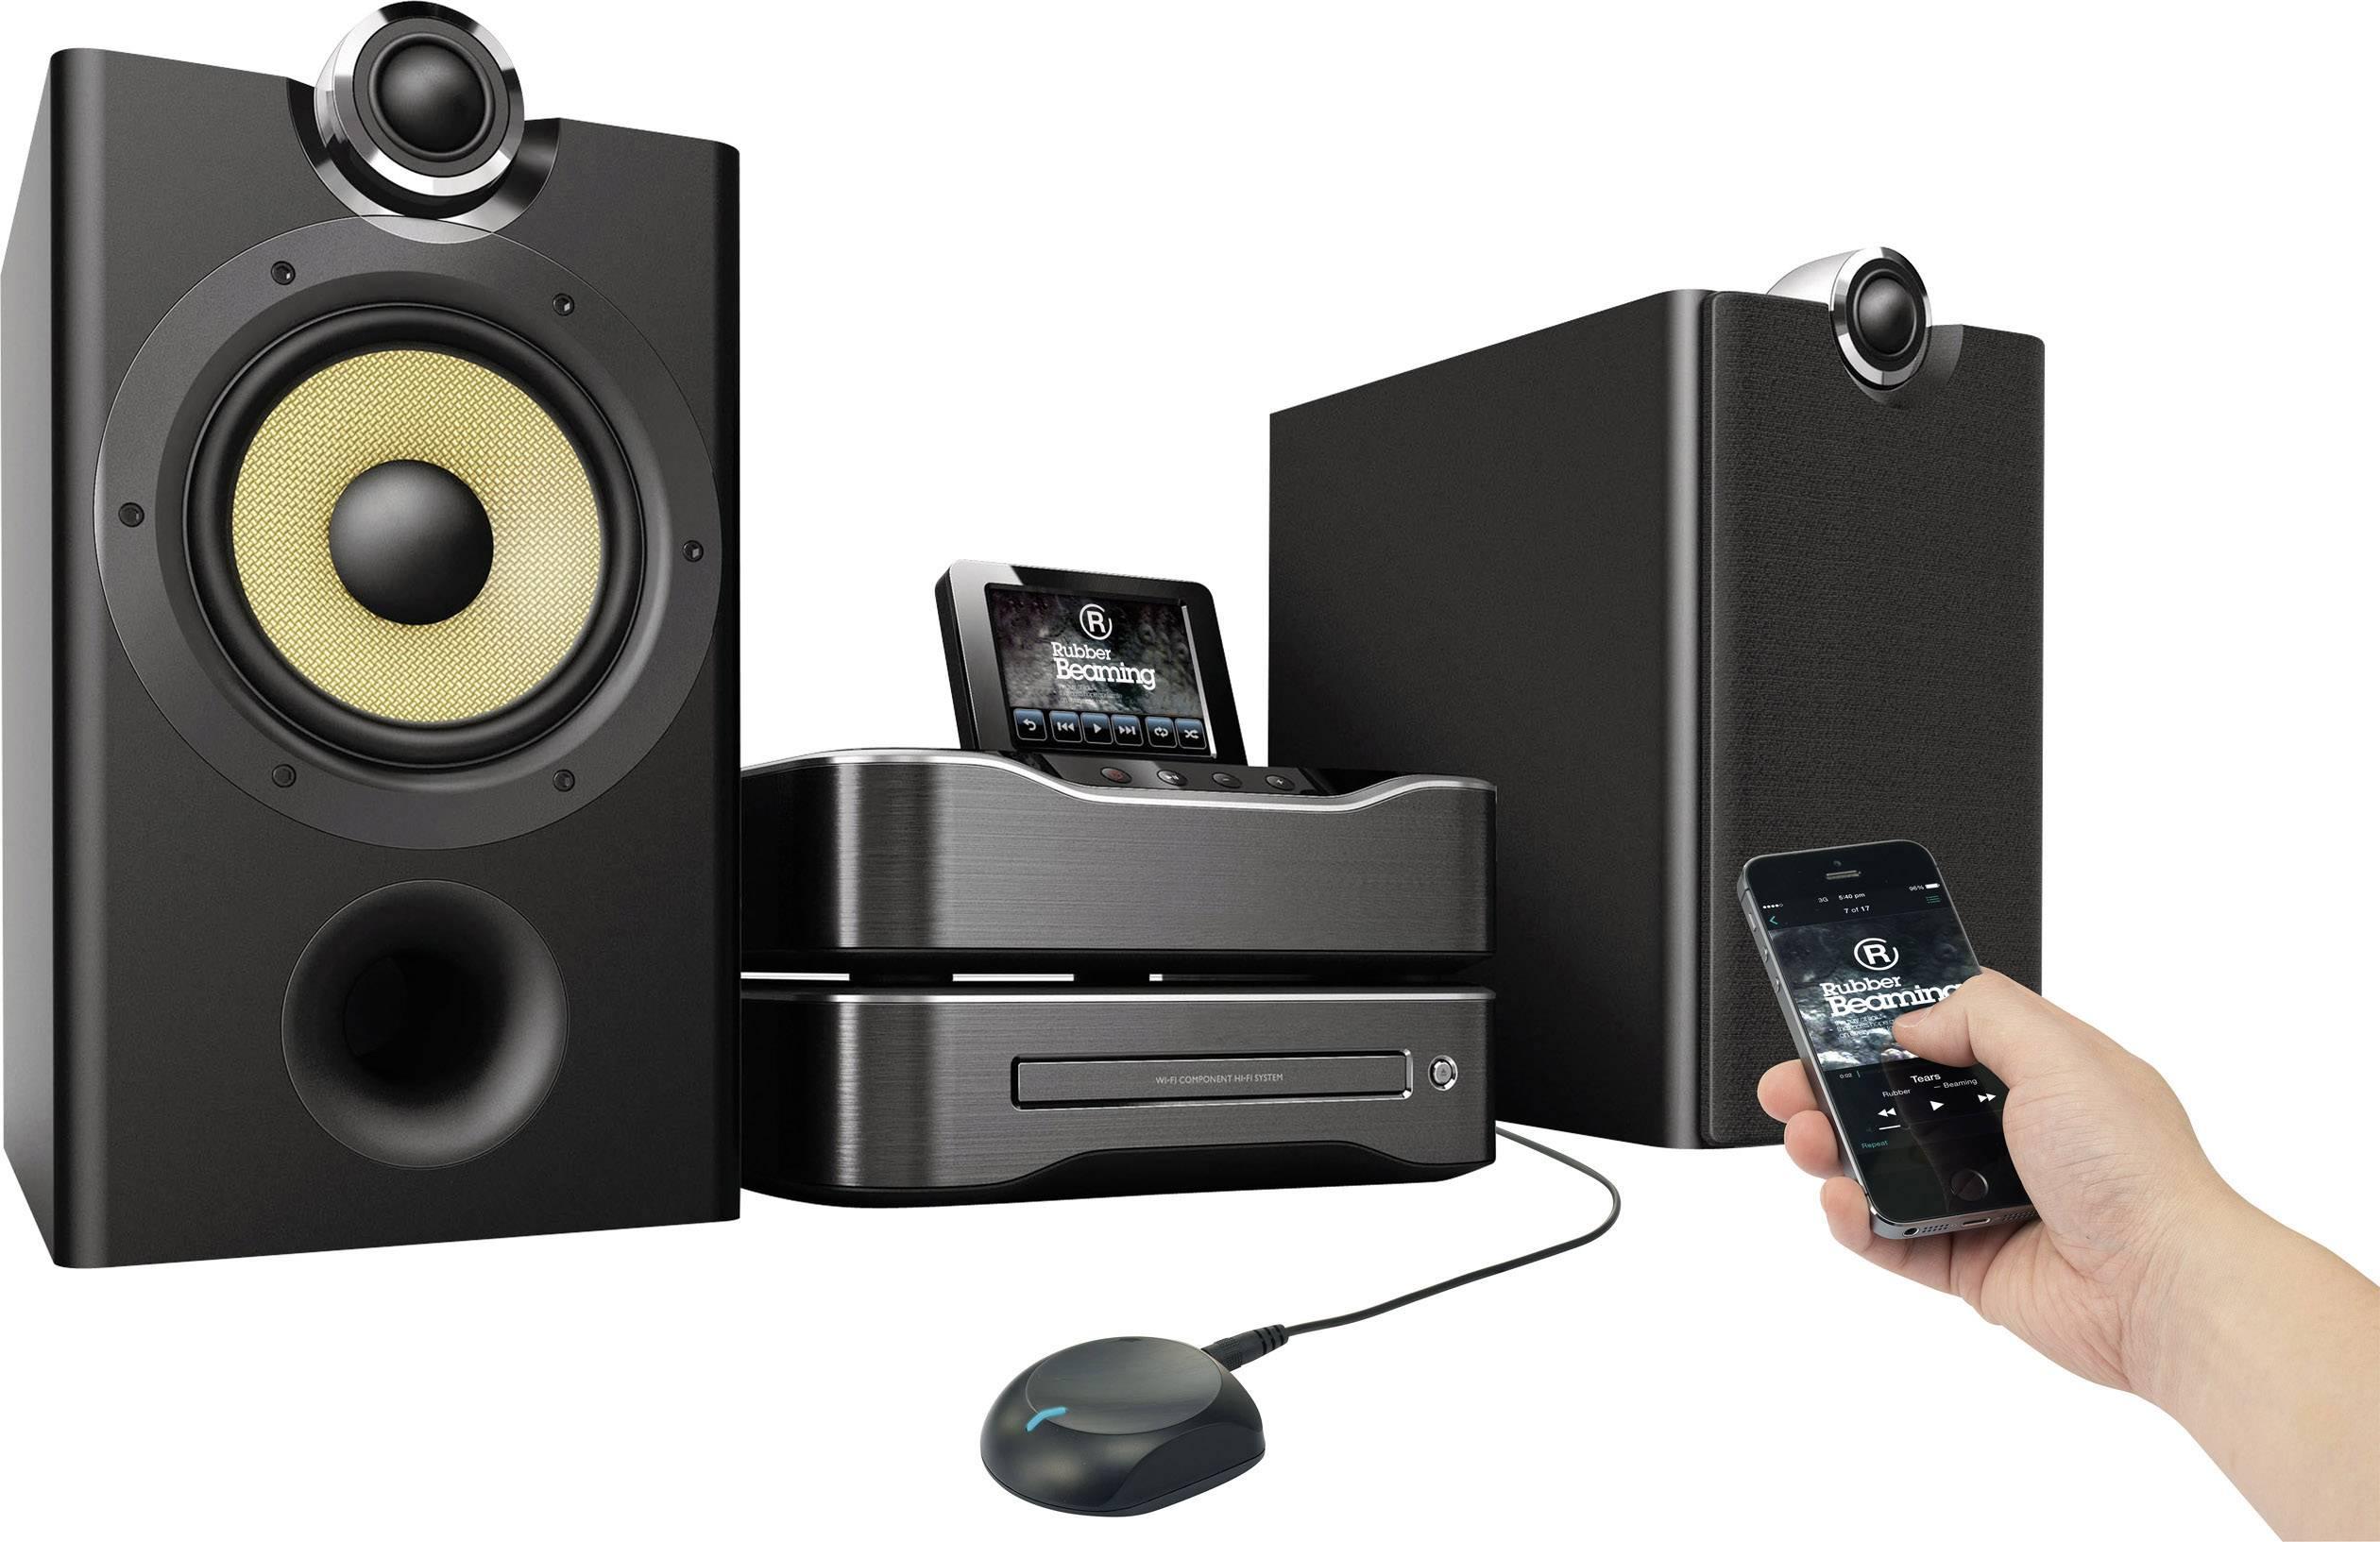 Bezdrôtový zvukový prijímač pre Hi-Fi systémy Renkforce, Bluetooth 3.0